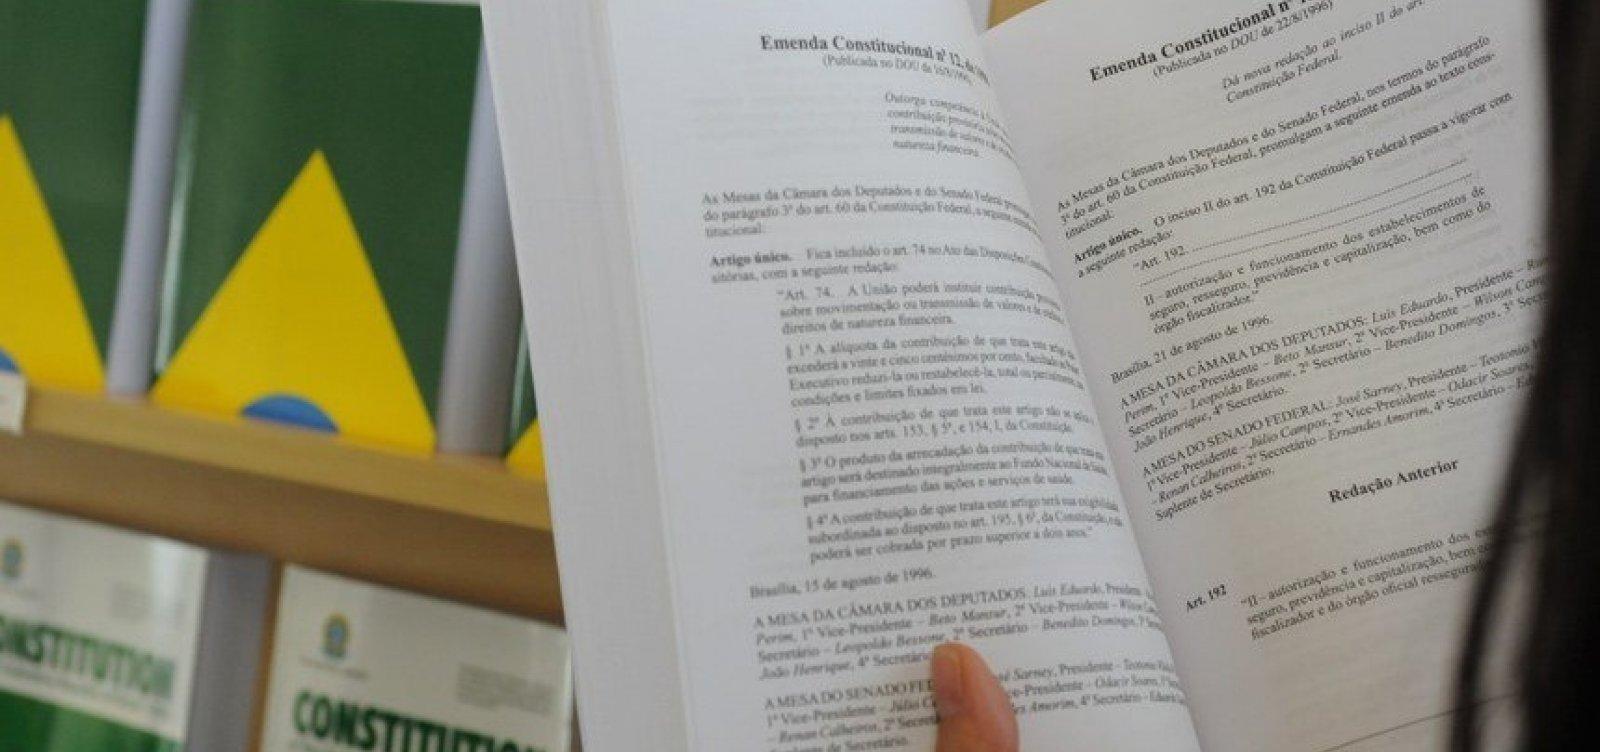 [Aos 30 anos, Constituição Federal chega à 100ª emenda]